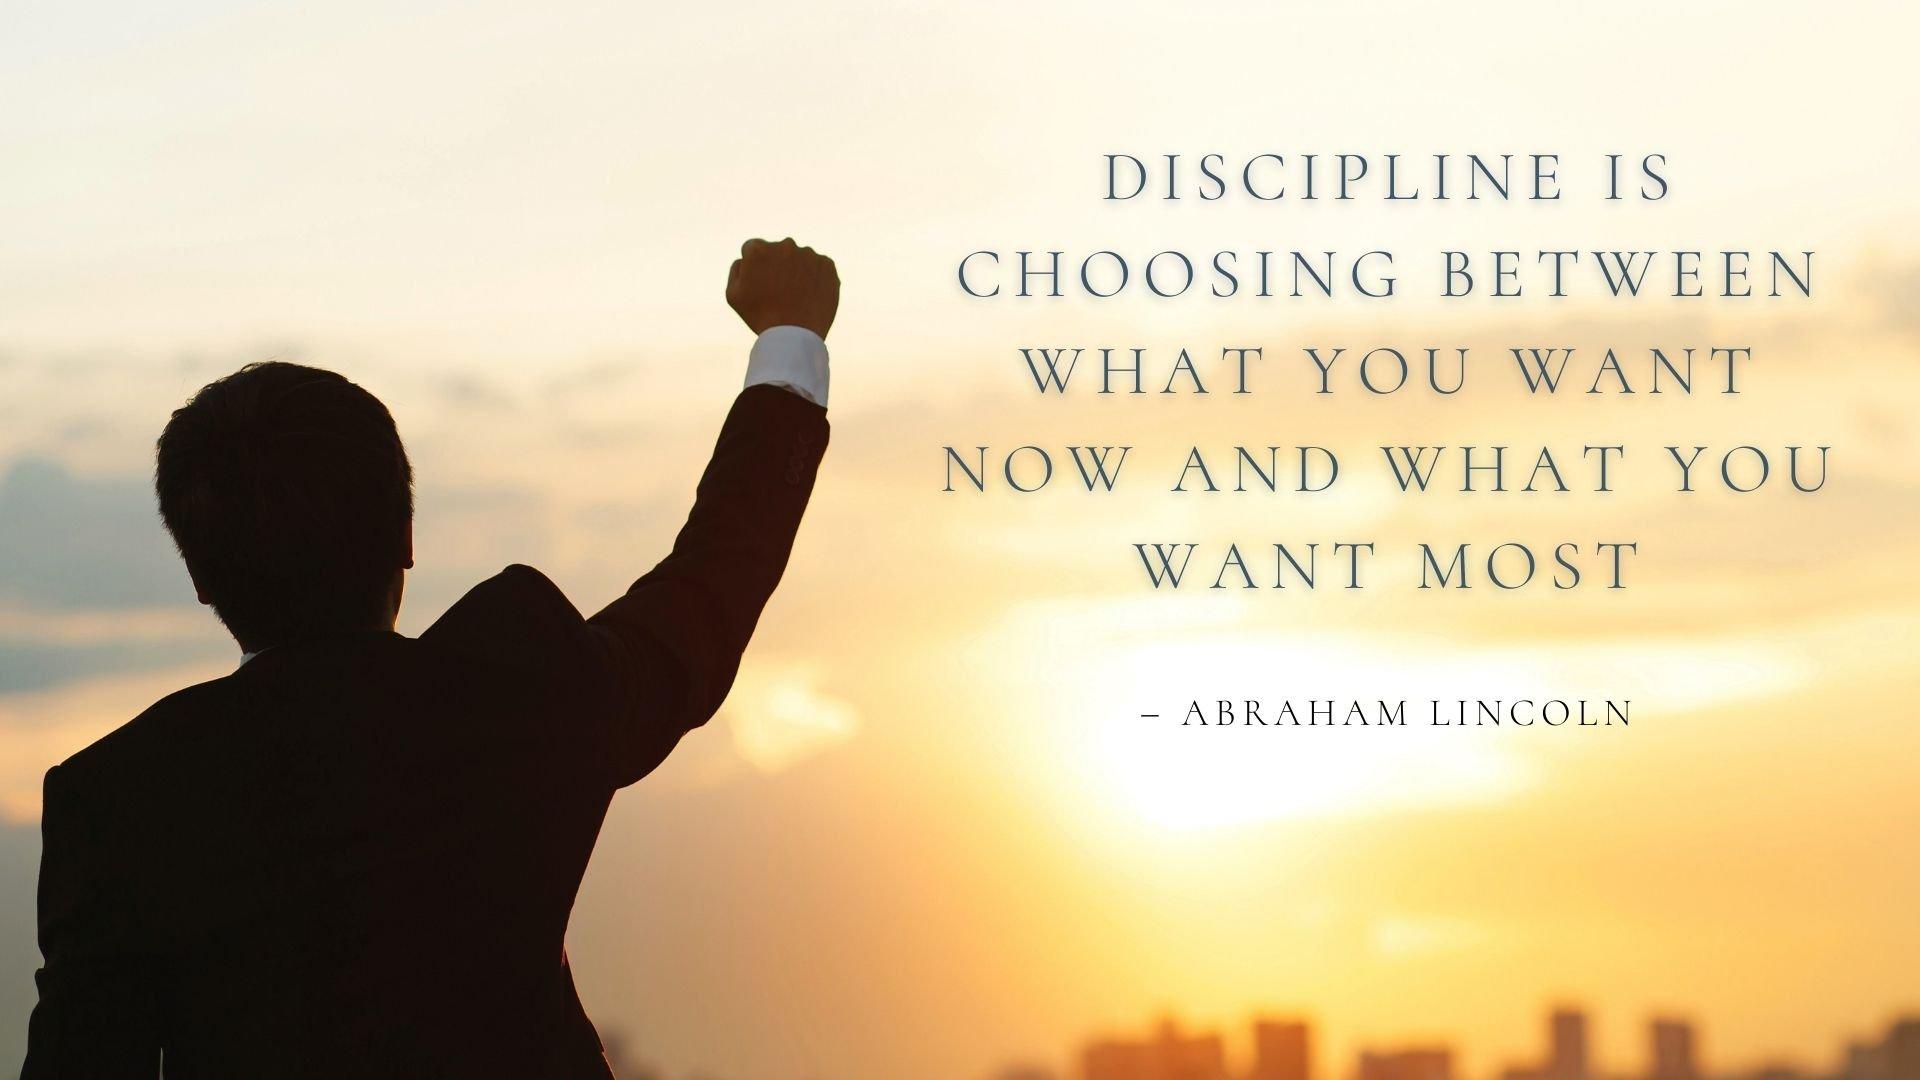 цитати успішних людей, мотиваційні вислови та фрази успішних людей